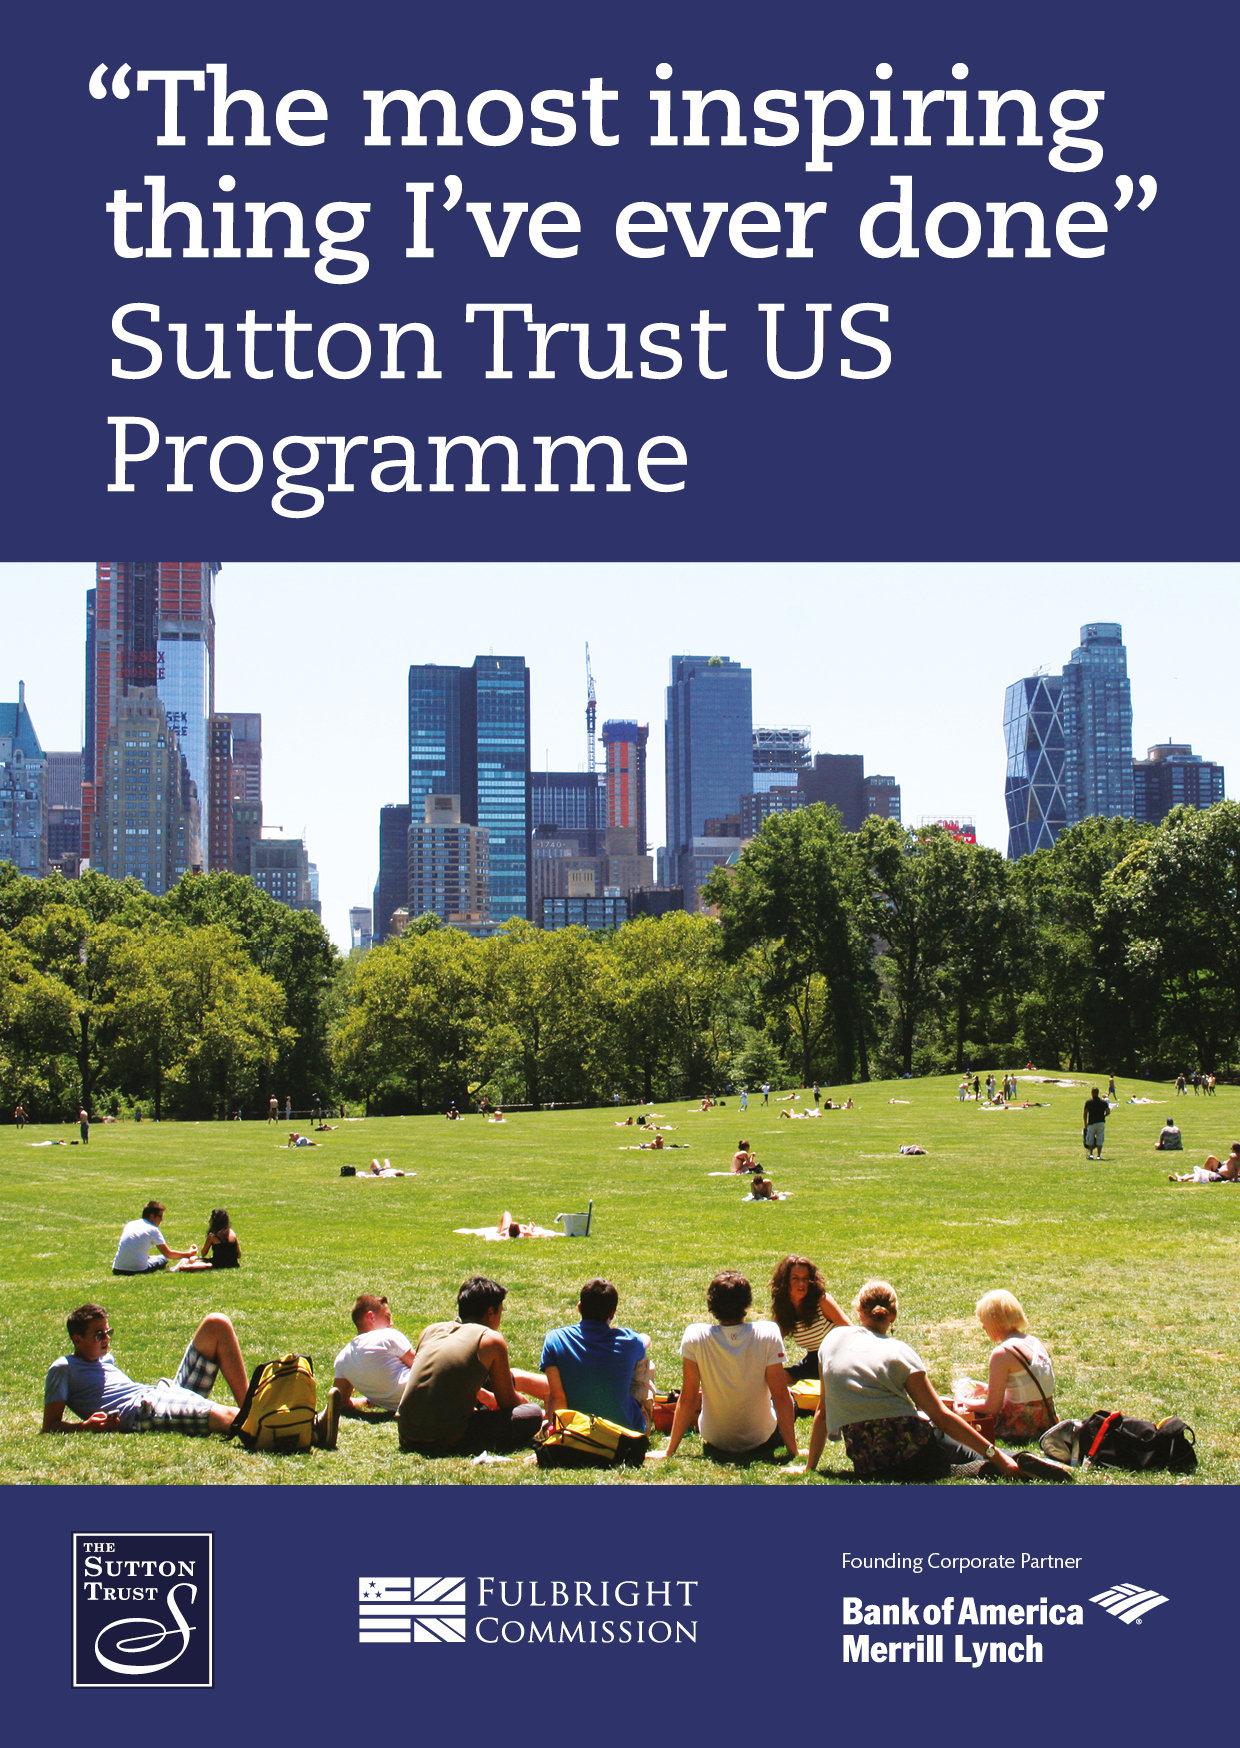 Sutton Trust US Programme 2017